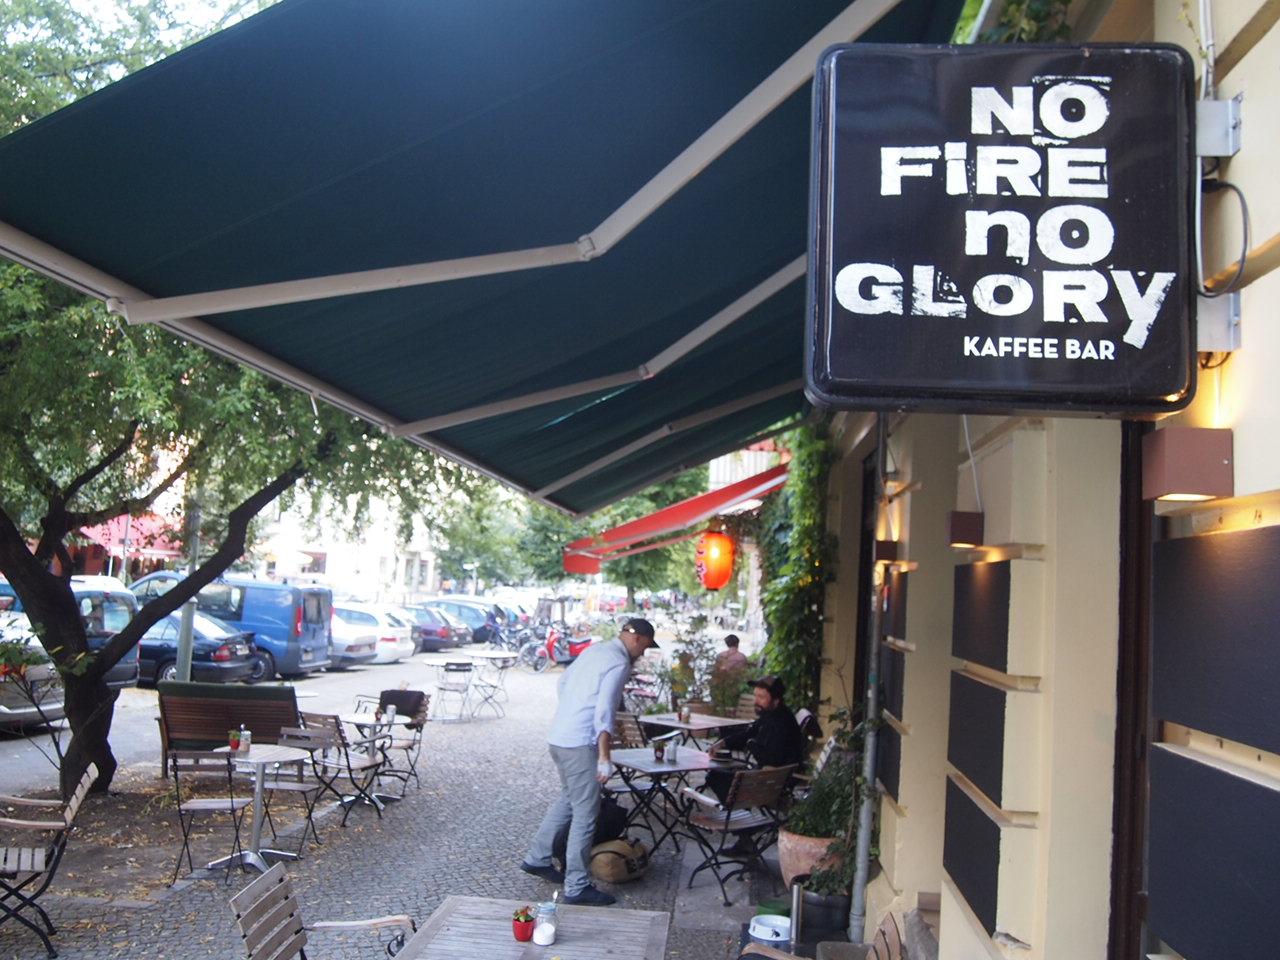 高すぎるクオリティ!ベルリンのカフェのイメージビデオが素敵すぎて行ってみた!